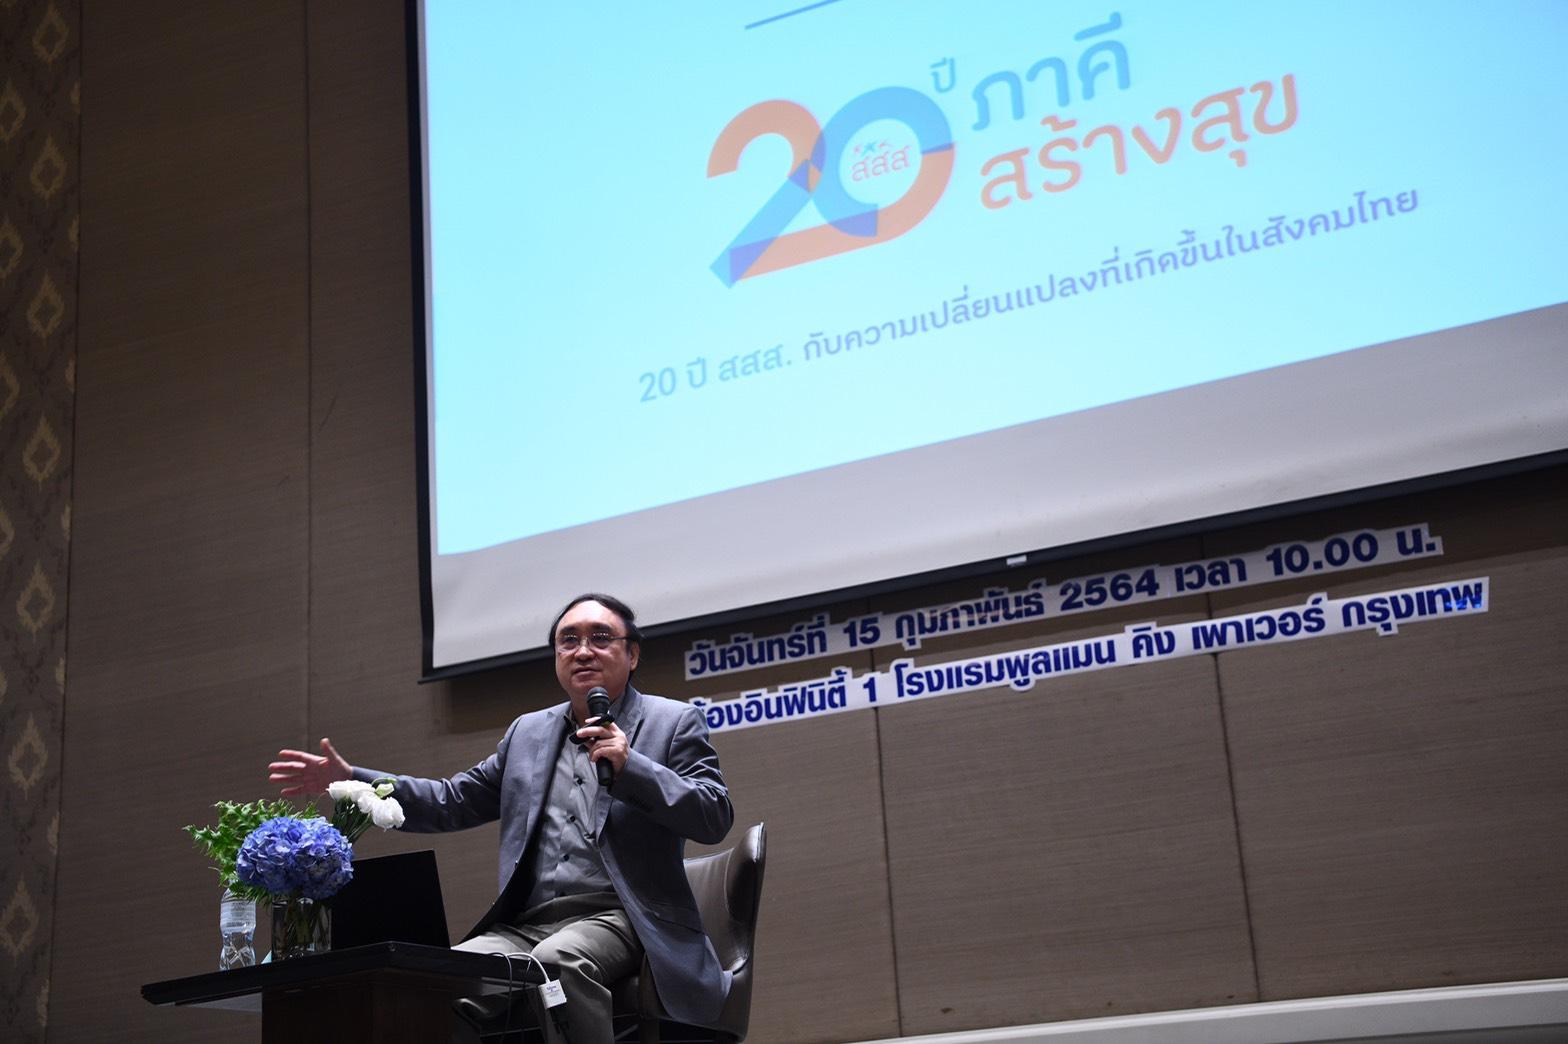 สสส.เผยเส้นทางความสำเร็จ สู่องค์กรสุขภาพระดับโลก thaihealth